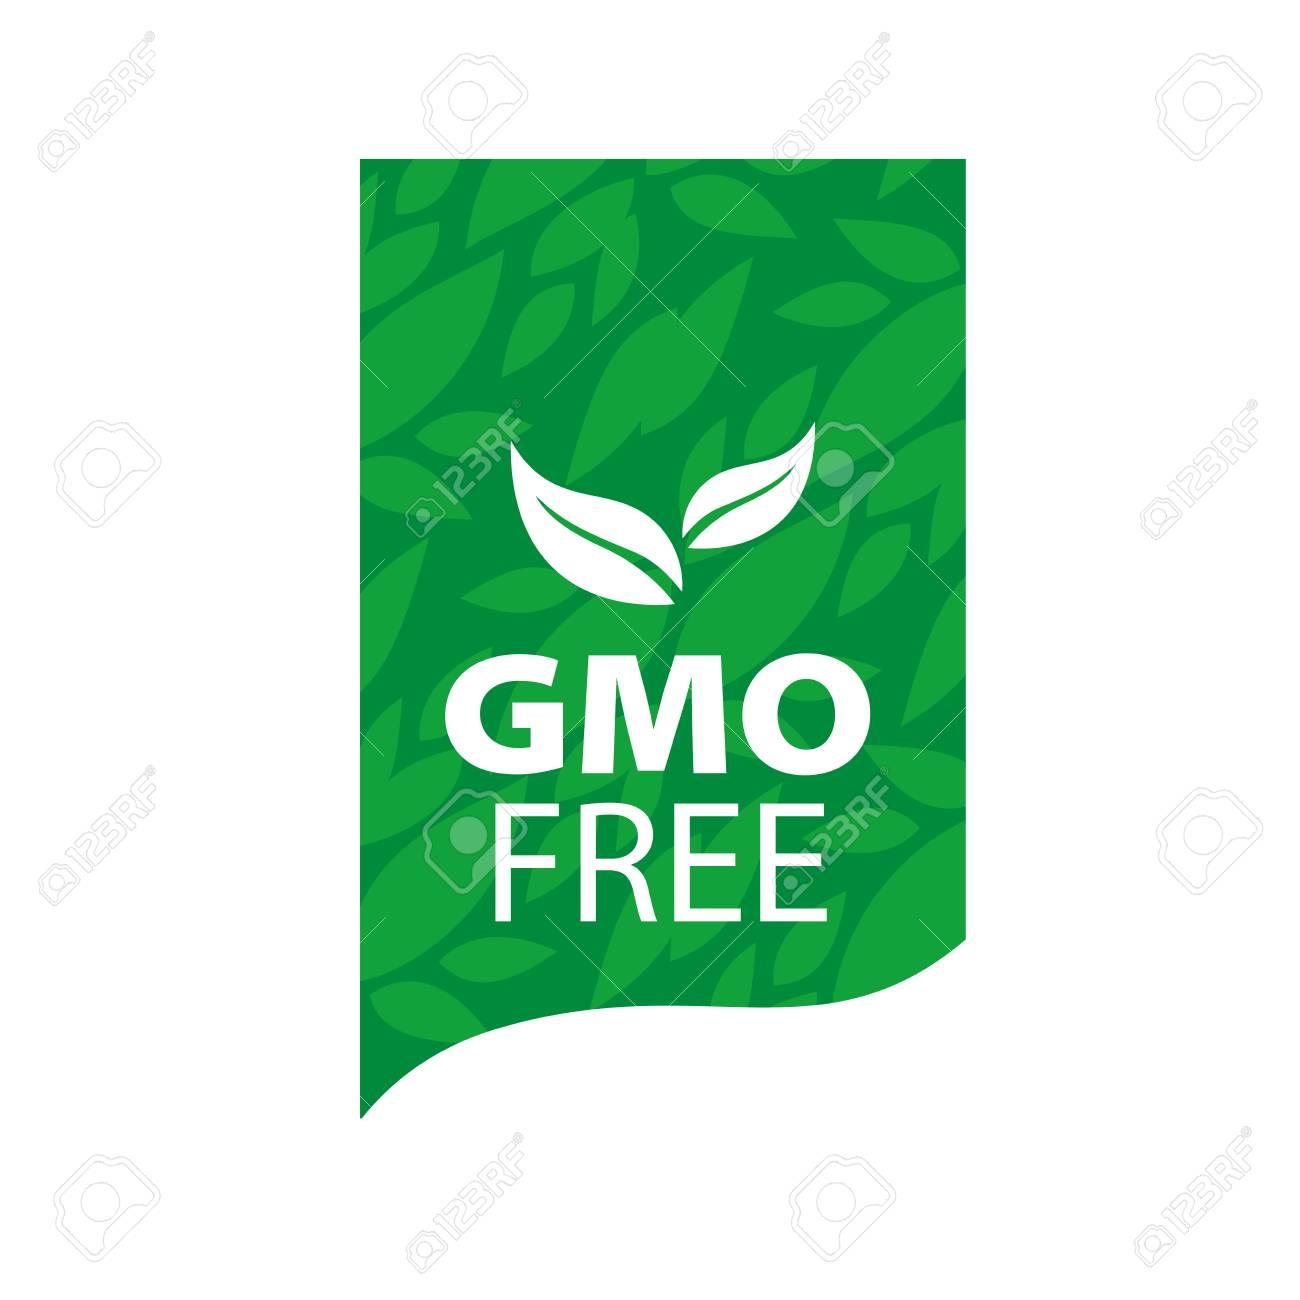 Plantilla Diseño Logo Gmo Gratis. Ilustración De Vector De Icono ...